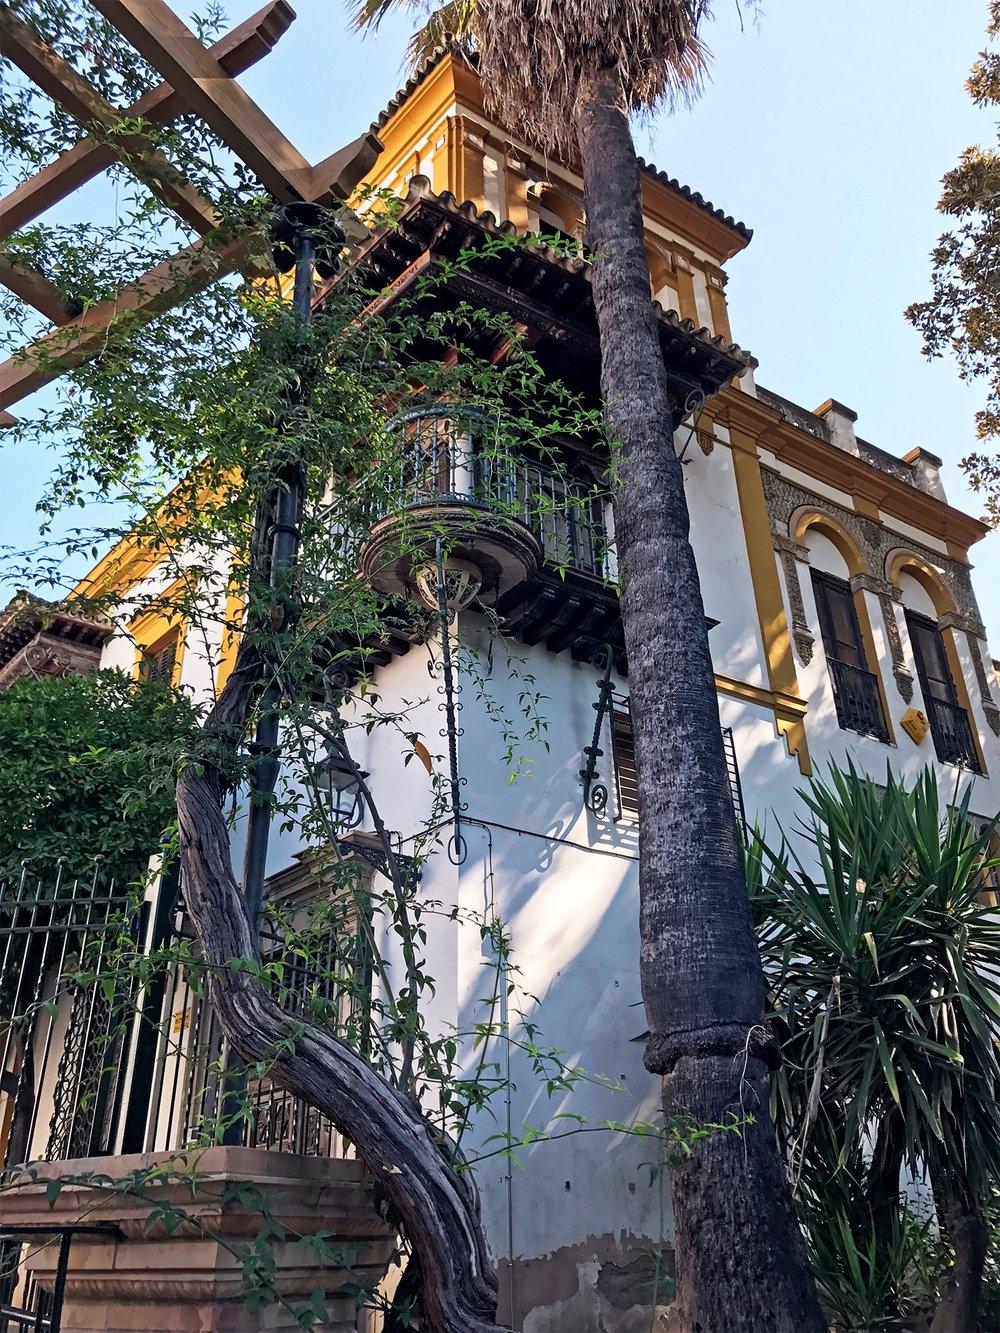 Seville Spain residence.jpg